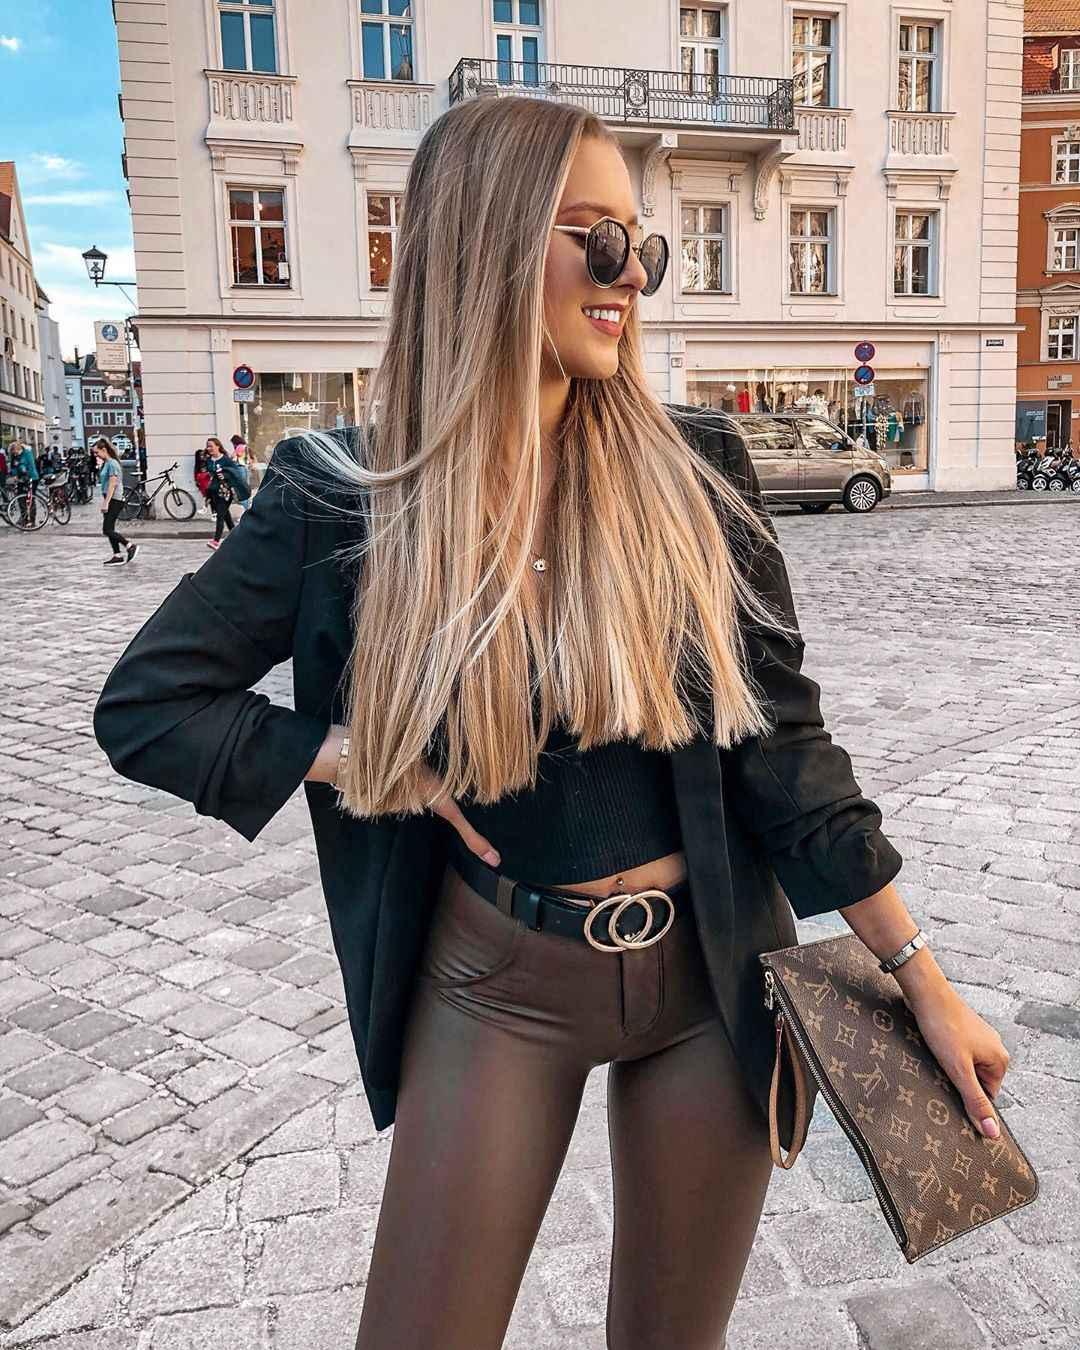 Melody Petite Mallas De Compresion Para Mujer Leggings De Piel Sintetica Faja Elastica De Cuatro Vias Sexy Para Fitness Pantalones Y Pantalones Capri Aliexpress